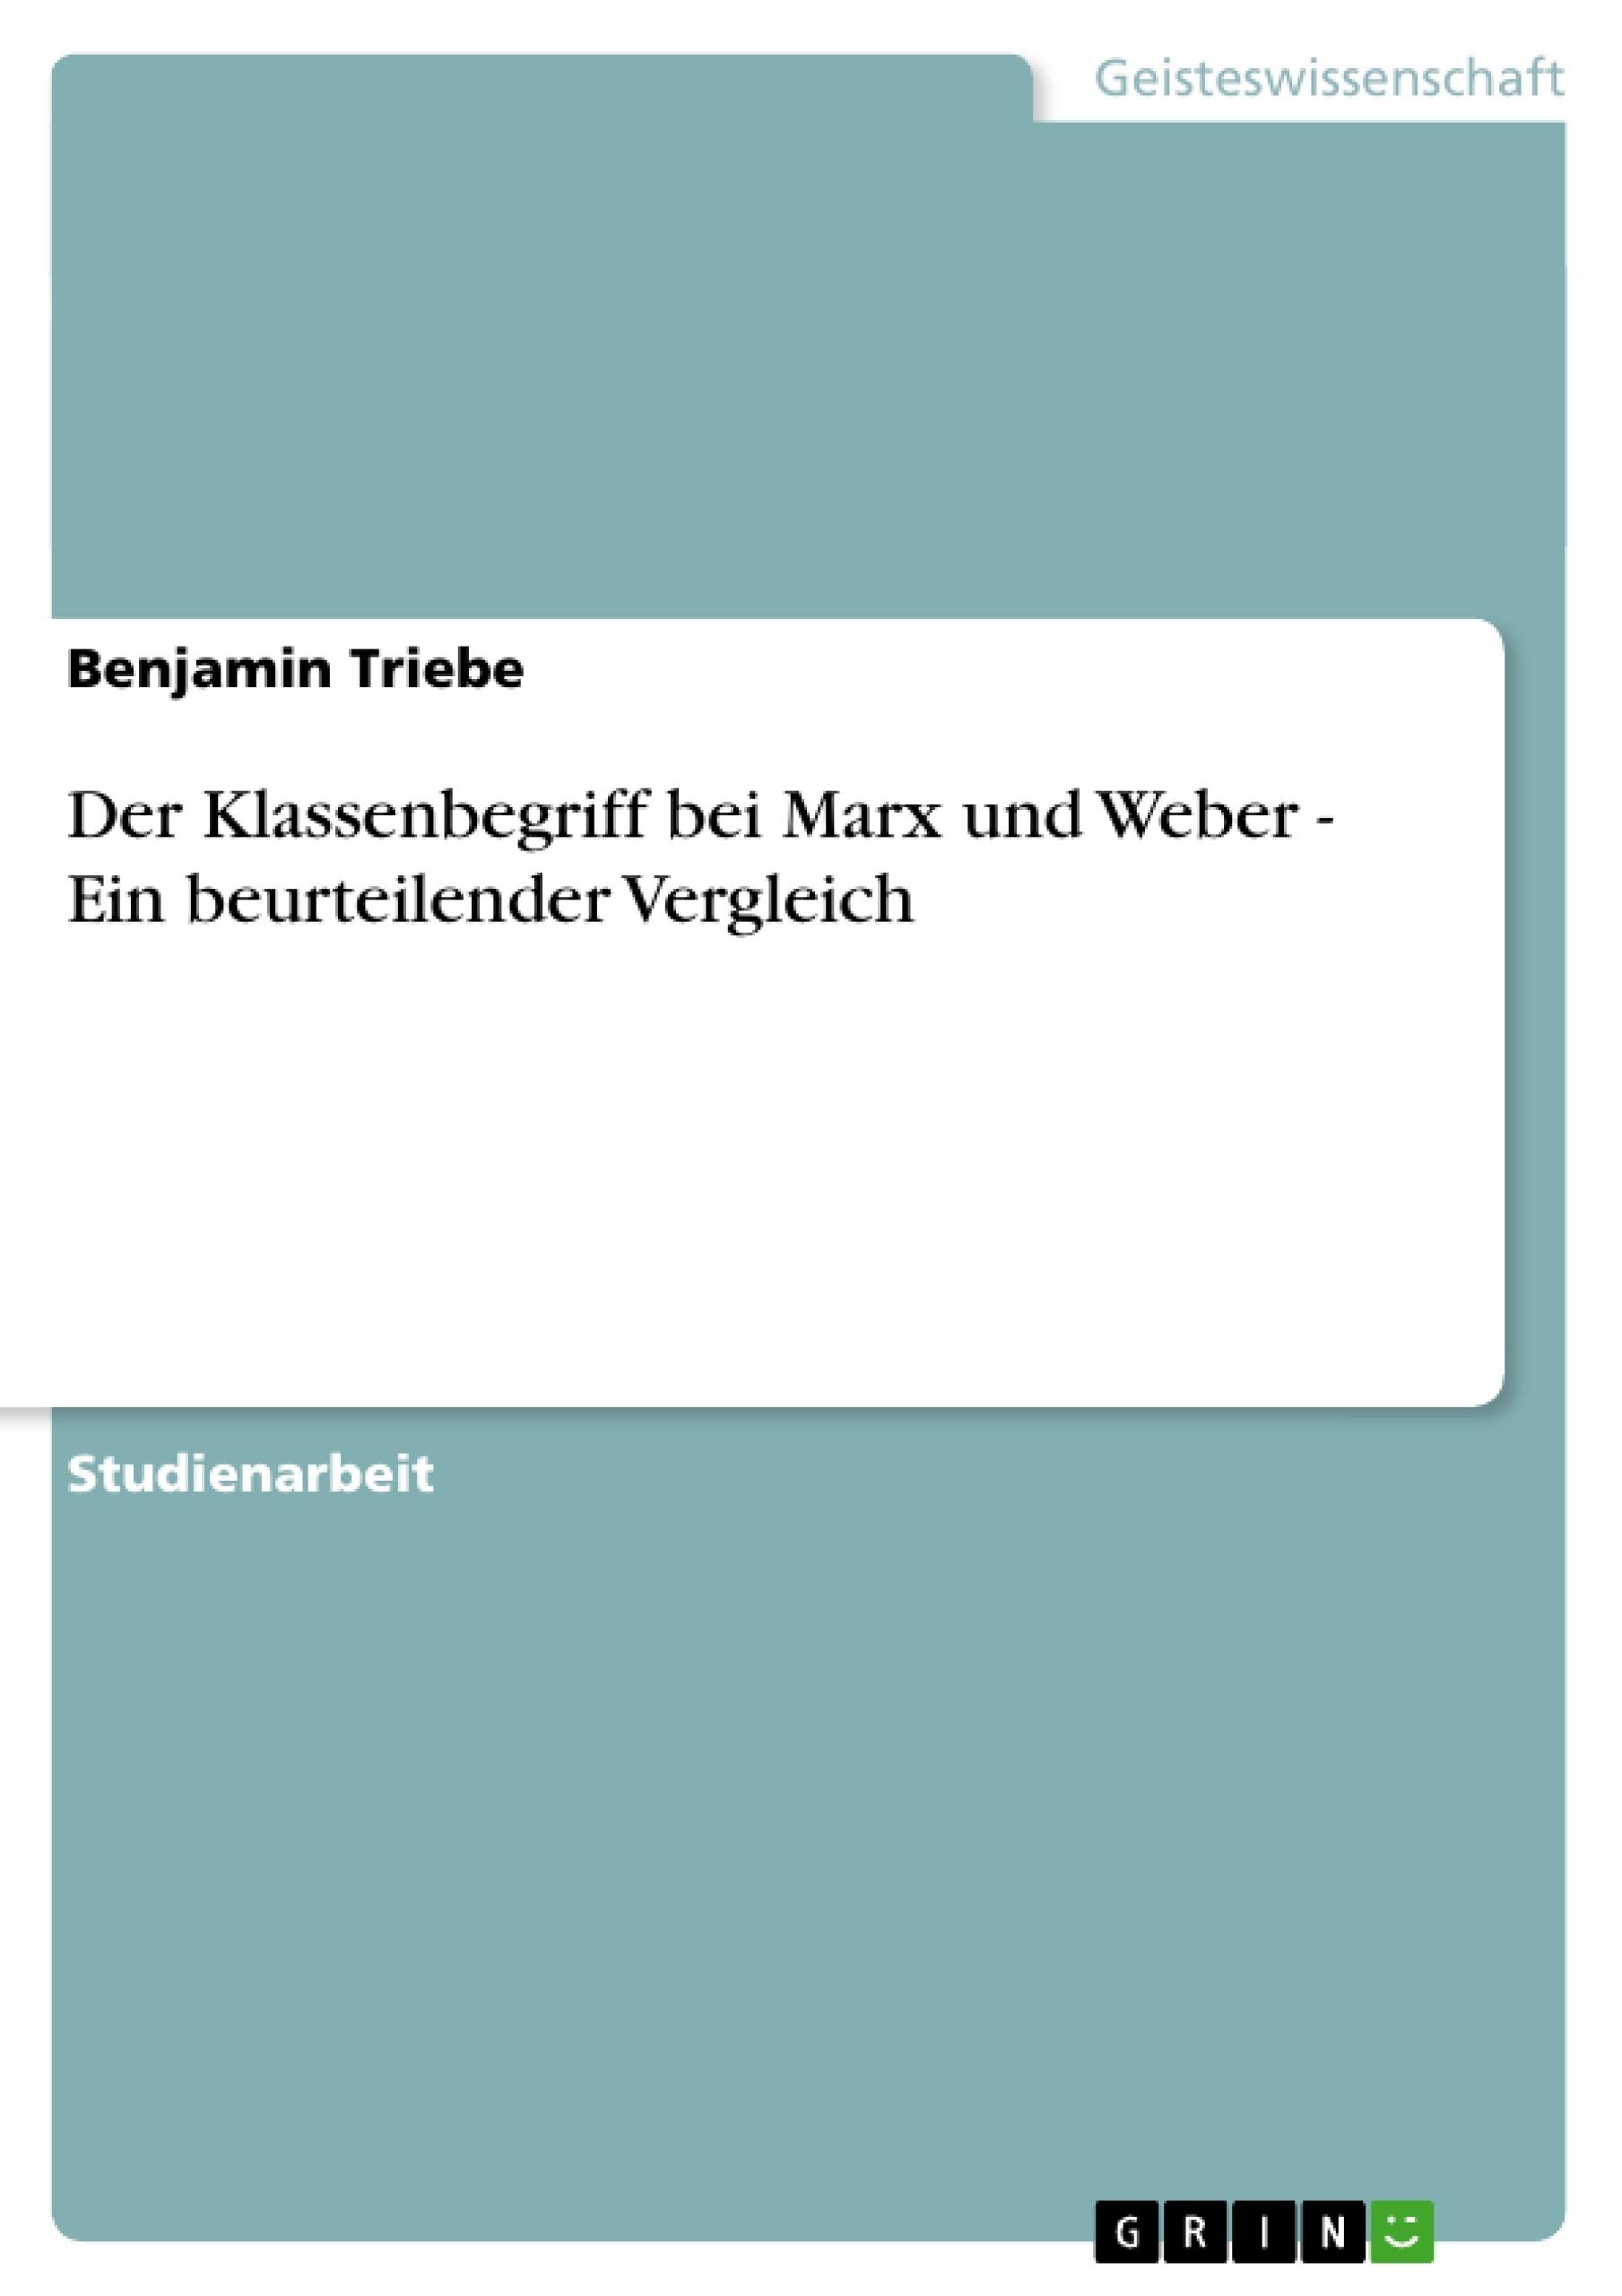 Titel: Der Klassenbegriff bei Marx und Weber - Ein beurteilender Vergleich